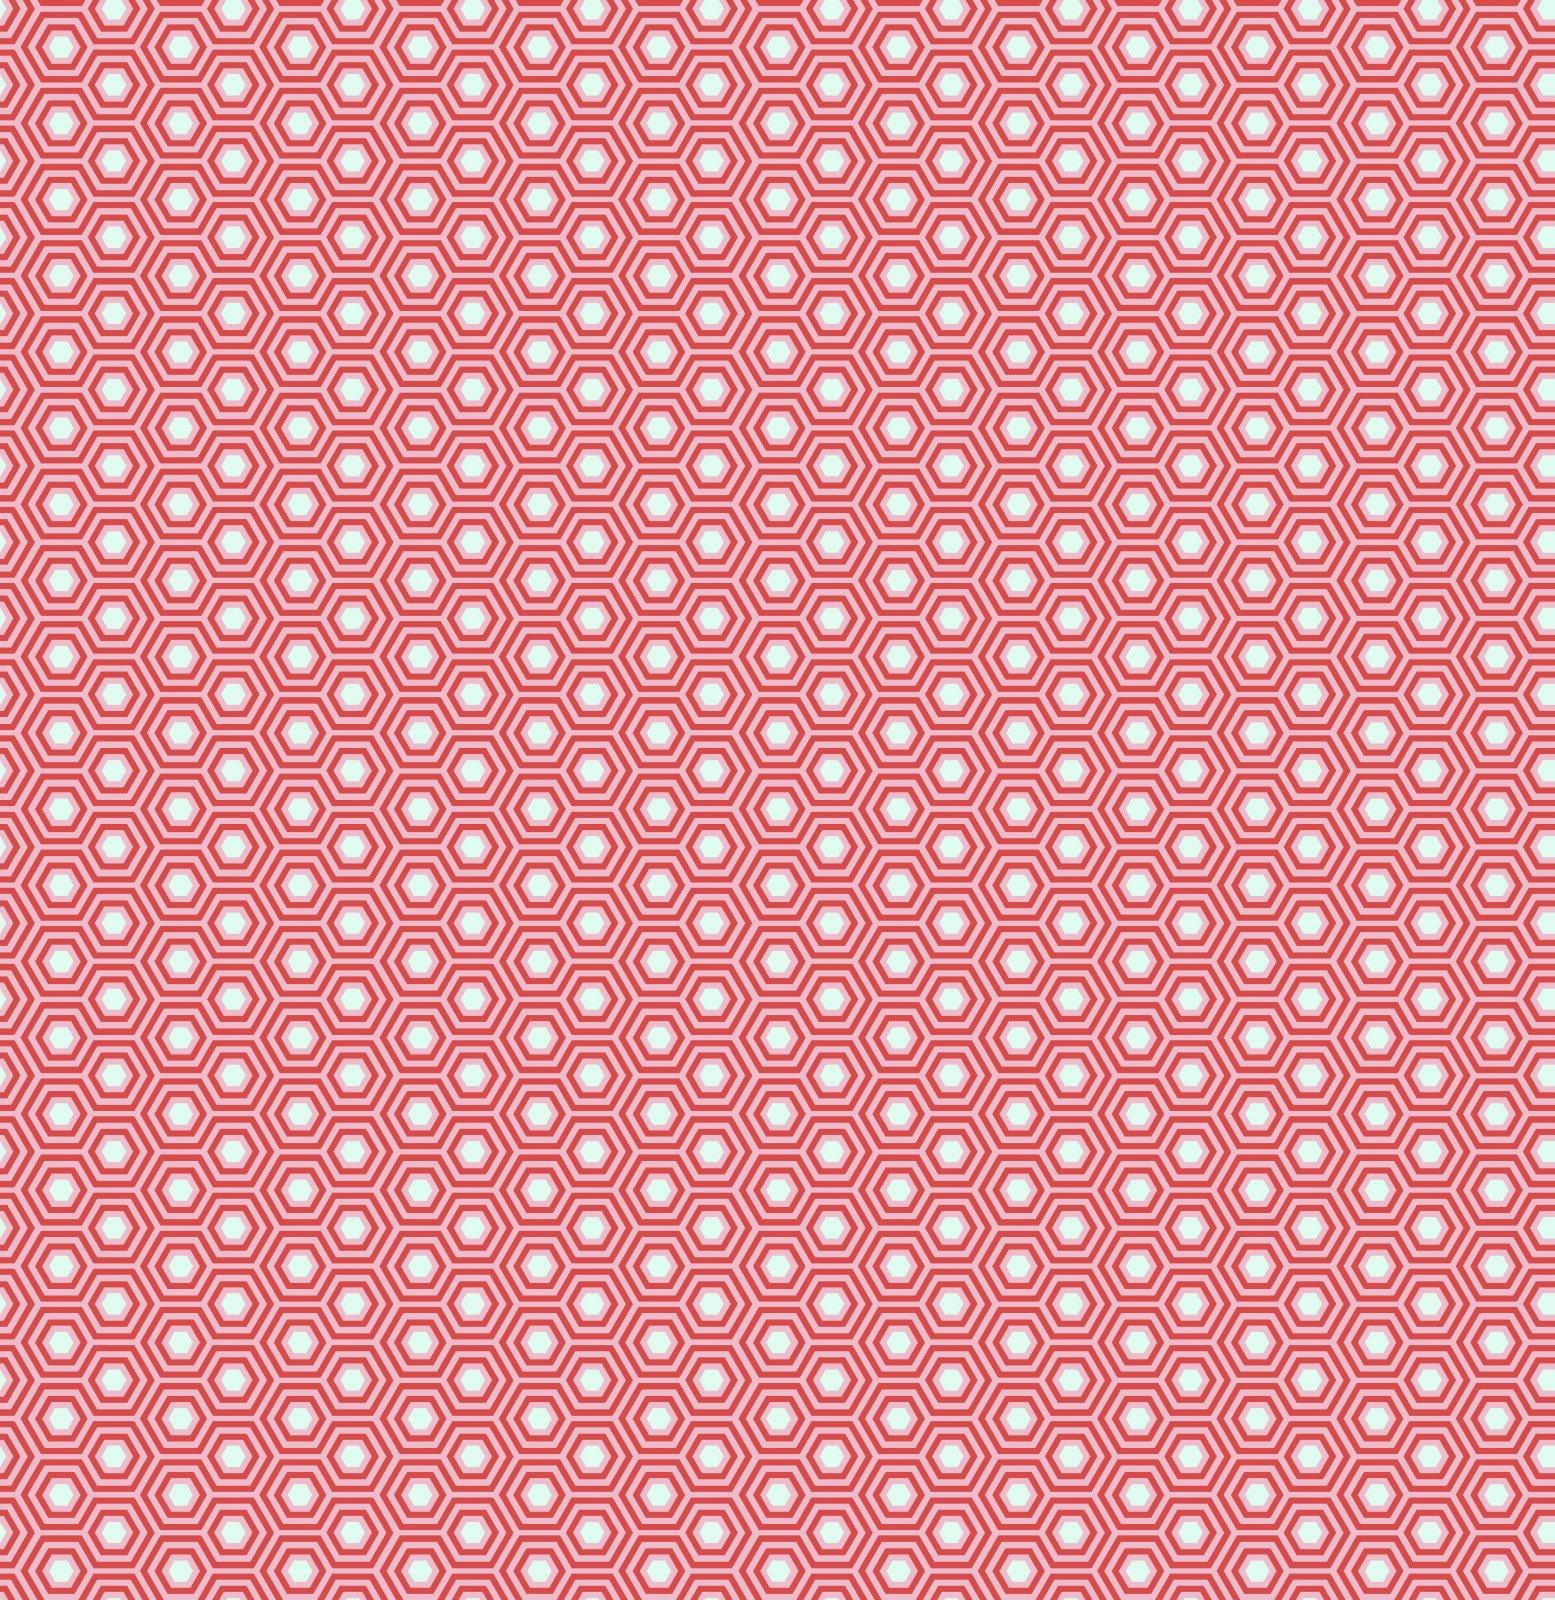 PWTP150.FLAMINGO - Tula Pink Hexy - Flamingo